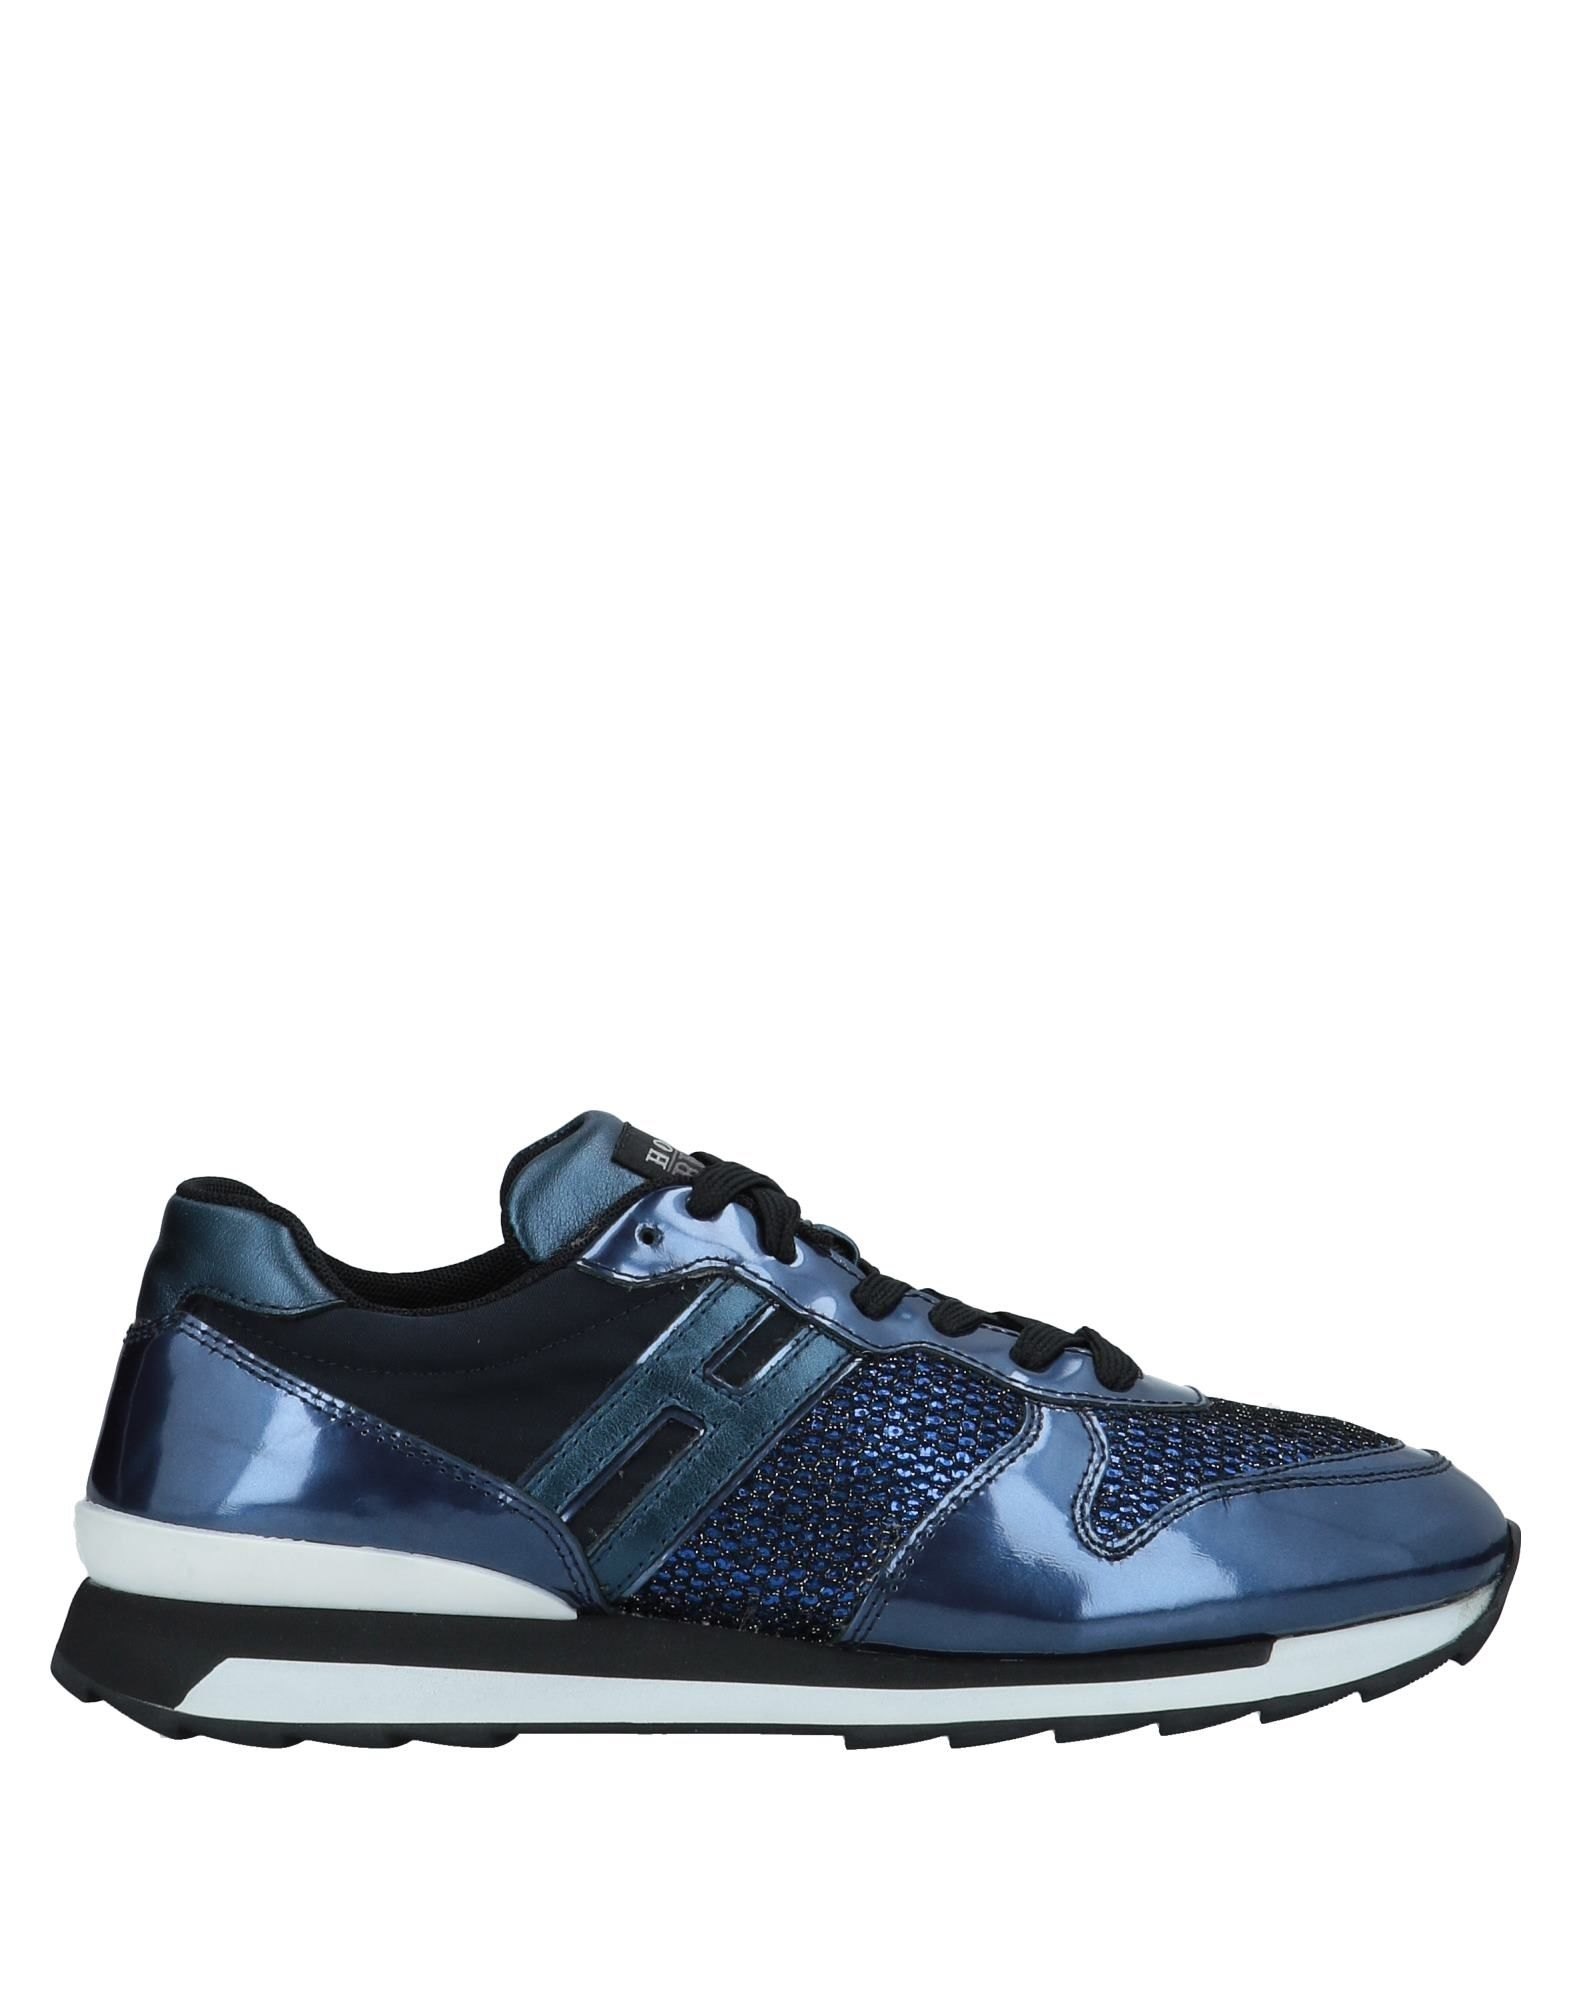 Hogan Rebel Sneakers - Women Hogan  Rebel Sneakers online on  Hogan United Kingdom - 11568019LI d37739